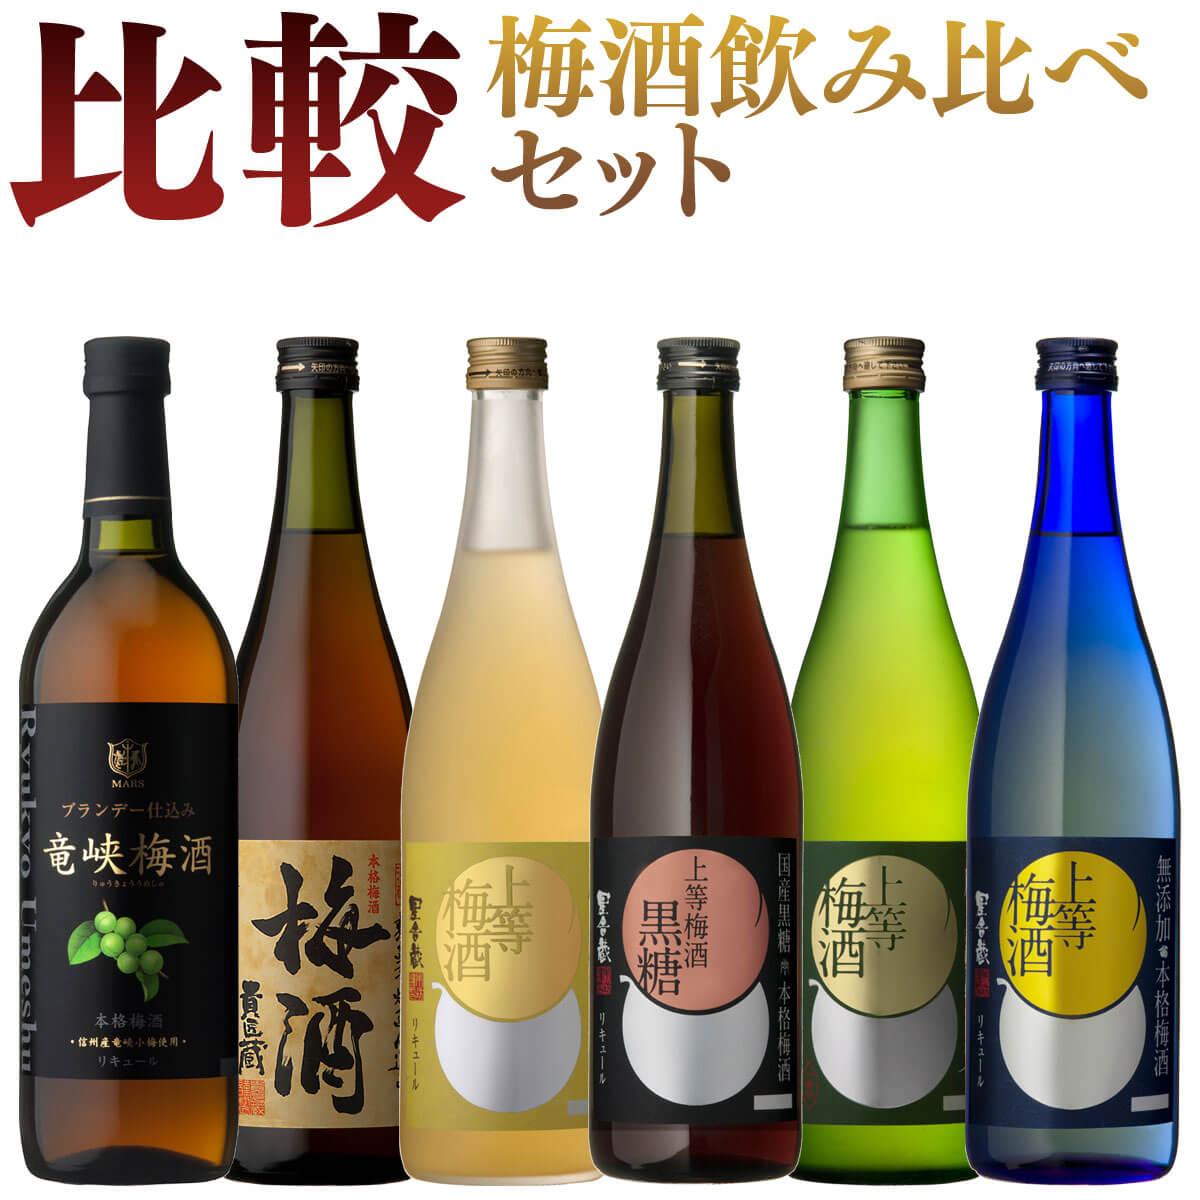 日本の梅酒 720ml 6本セット [梅酒セット / 上等梅酒 / 竜峡梅酒 / 上等梅酒 黒糖 / 貴匠蔵梅酒 /上等梅酒 知覧茶 / 上等梅酒 ゆず / ギフト 送料無料 ]